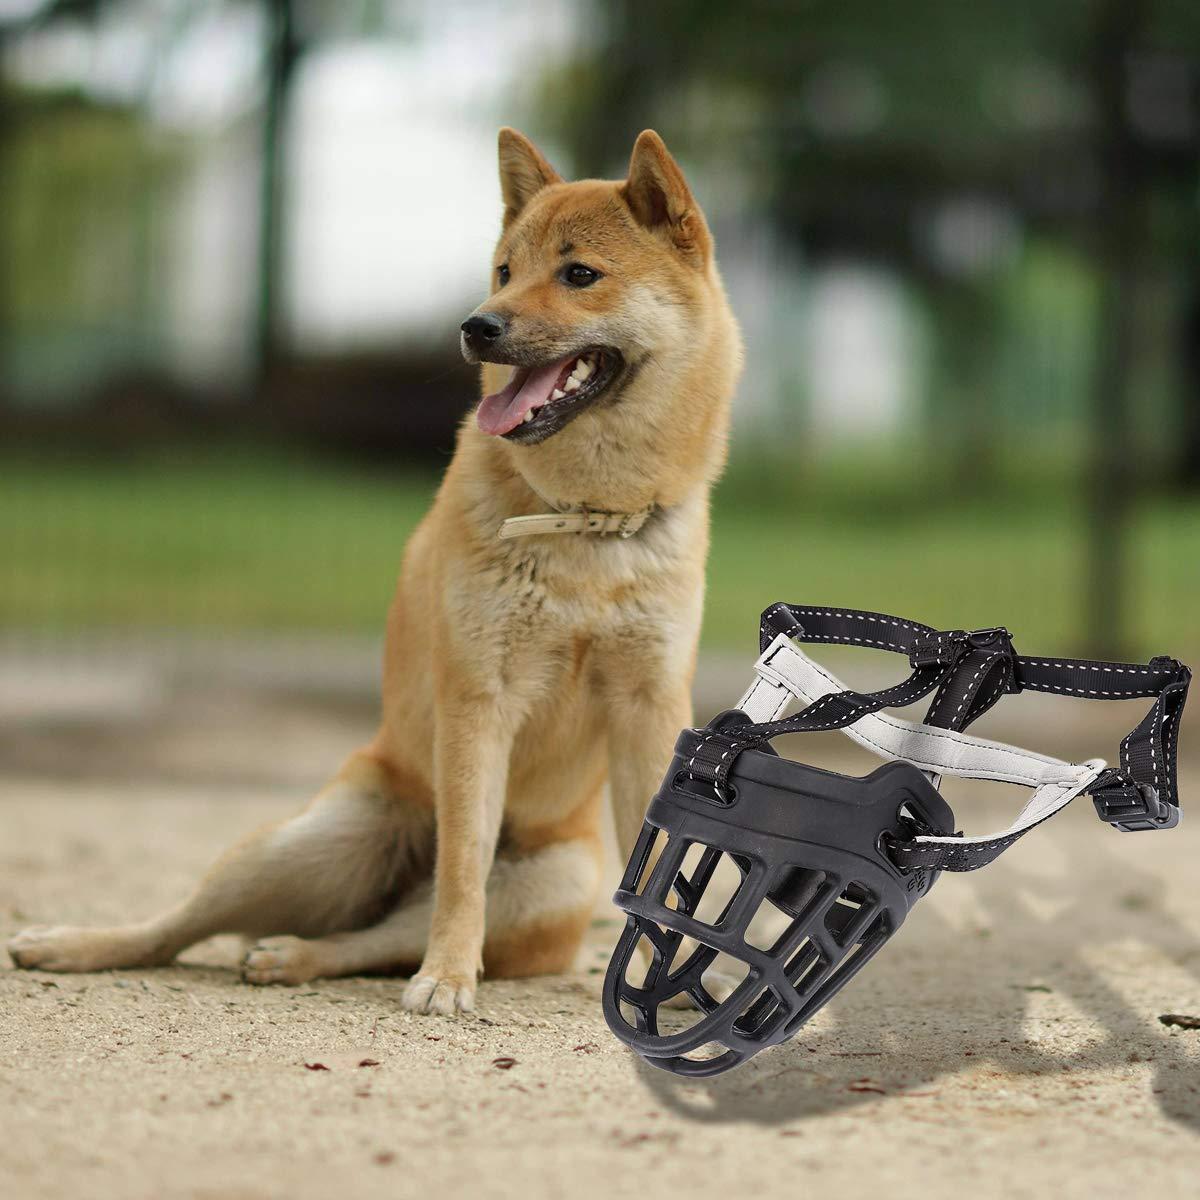 Wei Xi Bozal de Perro, Cesta Ajustable Suave de Silicona, bozales para Perros, Mejor para Evitar Que se mueva, Corte, Permite Beber Pan, Cuello Usado: ...